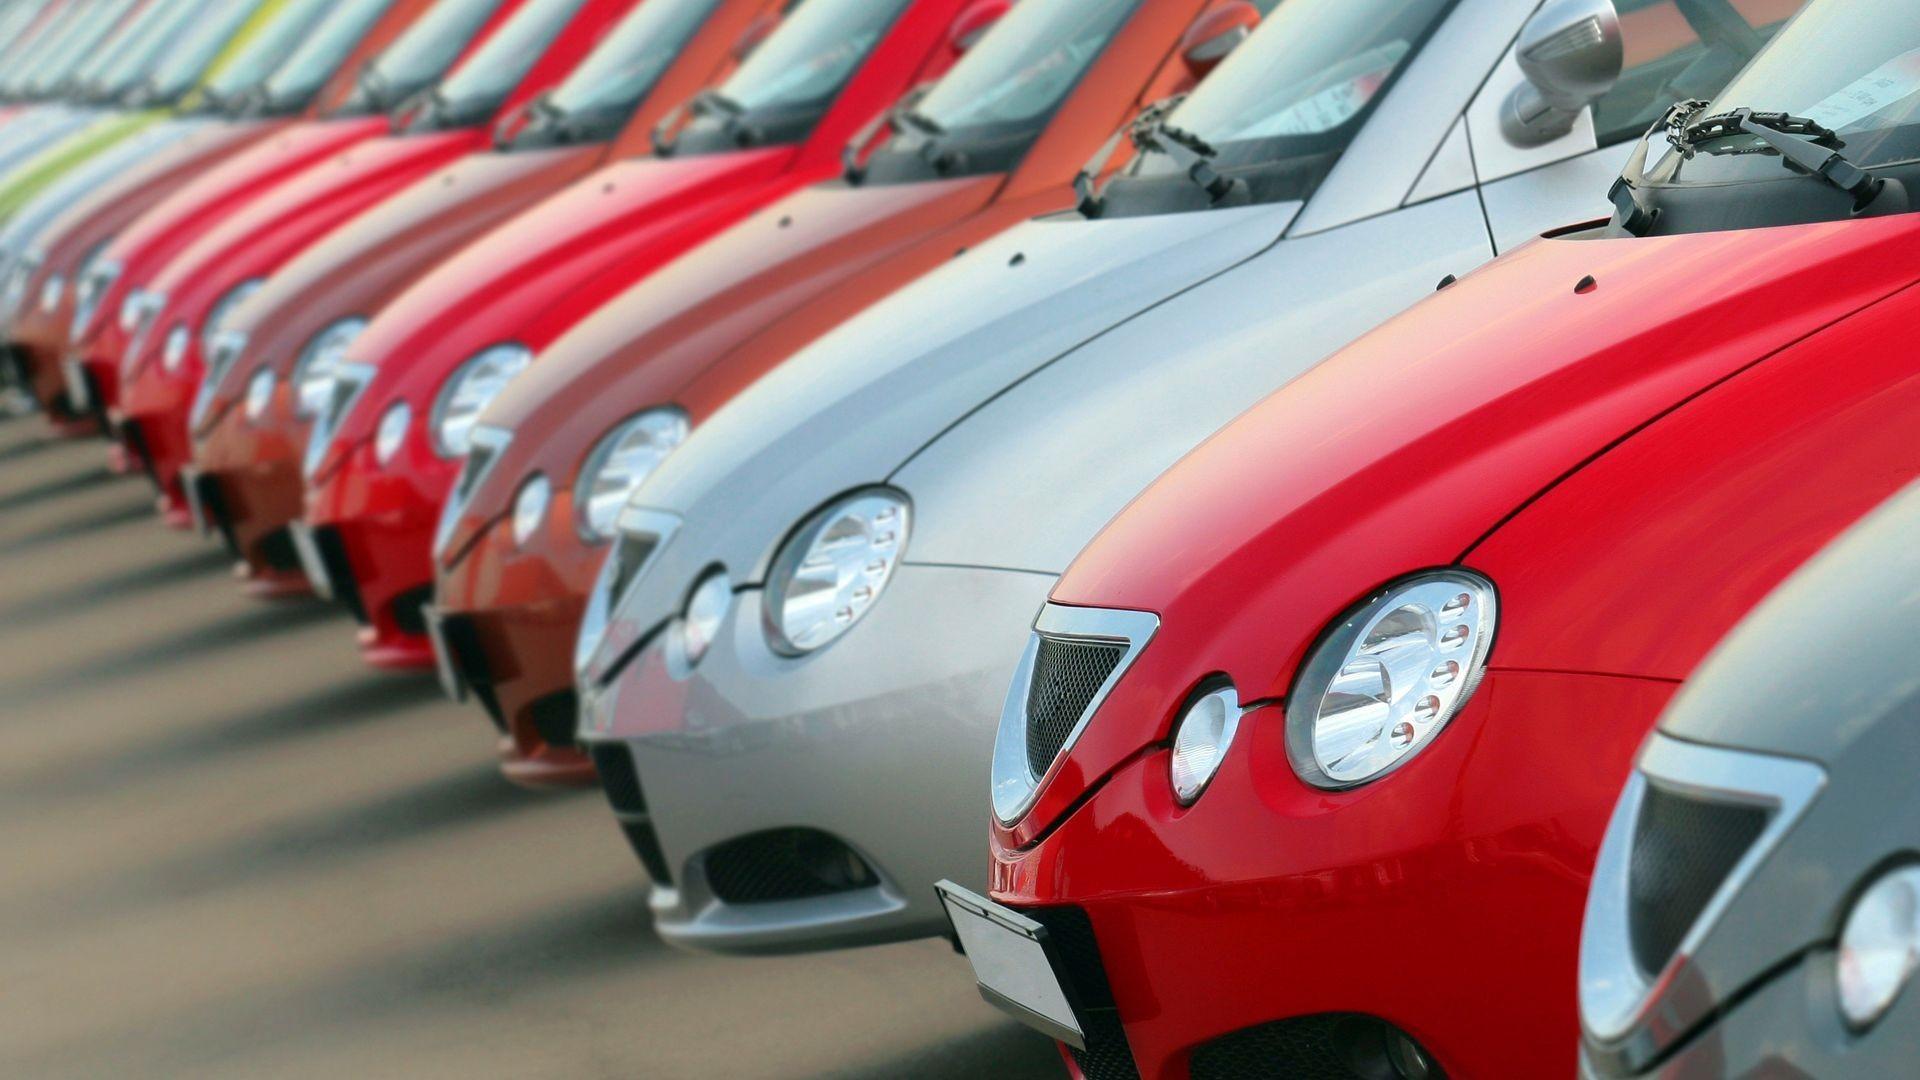 Venta de recambios de coches en Utrera